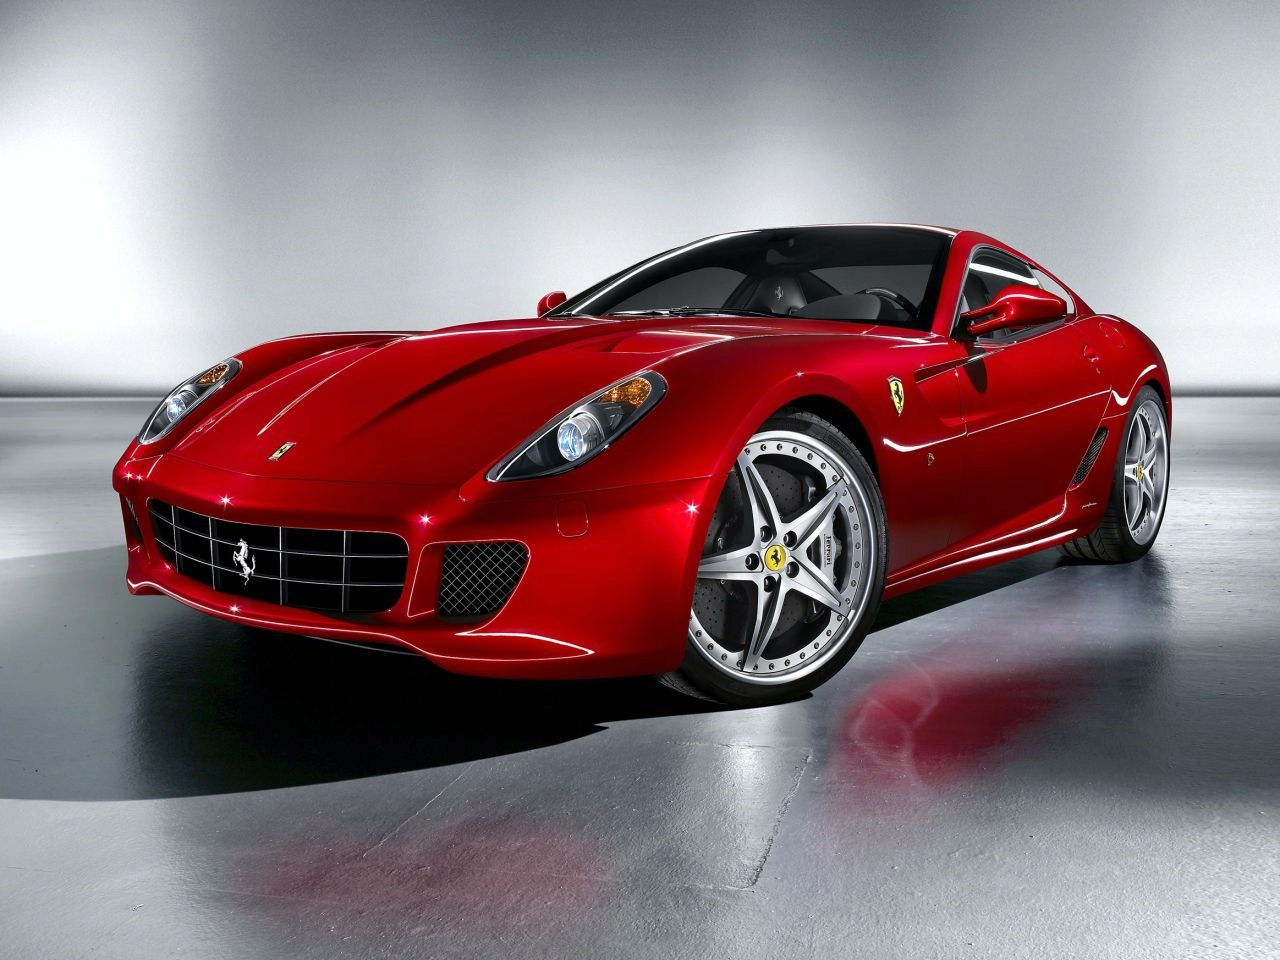 Theodoragoss Ferrari Cars  Ferrari 599 Gtb Fiorano